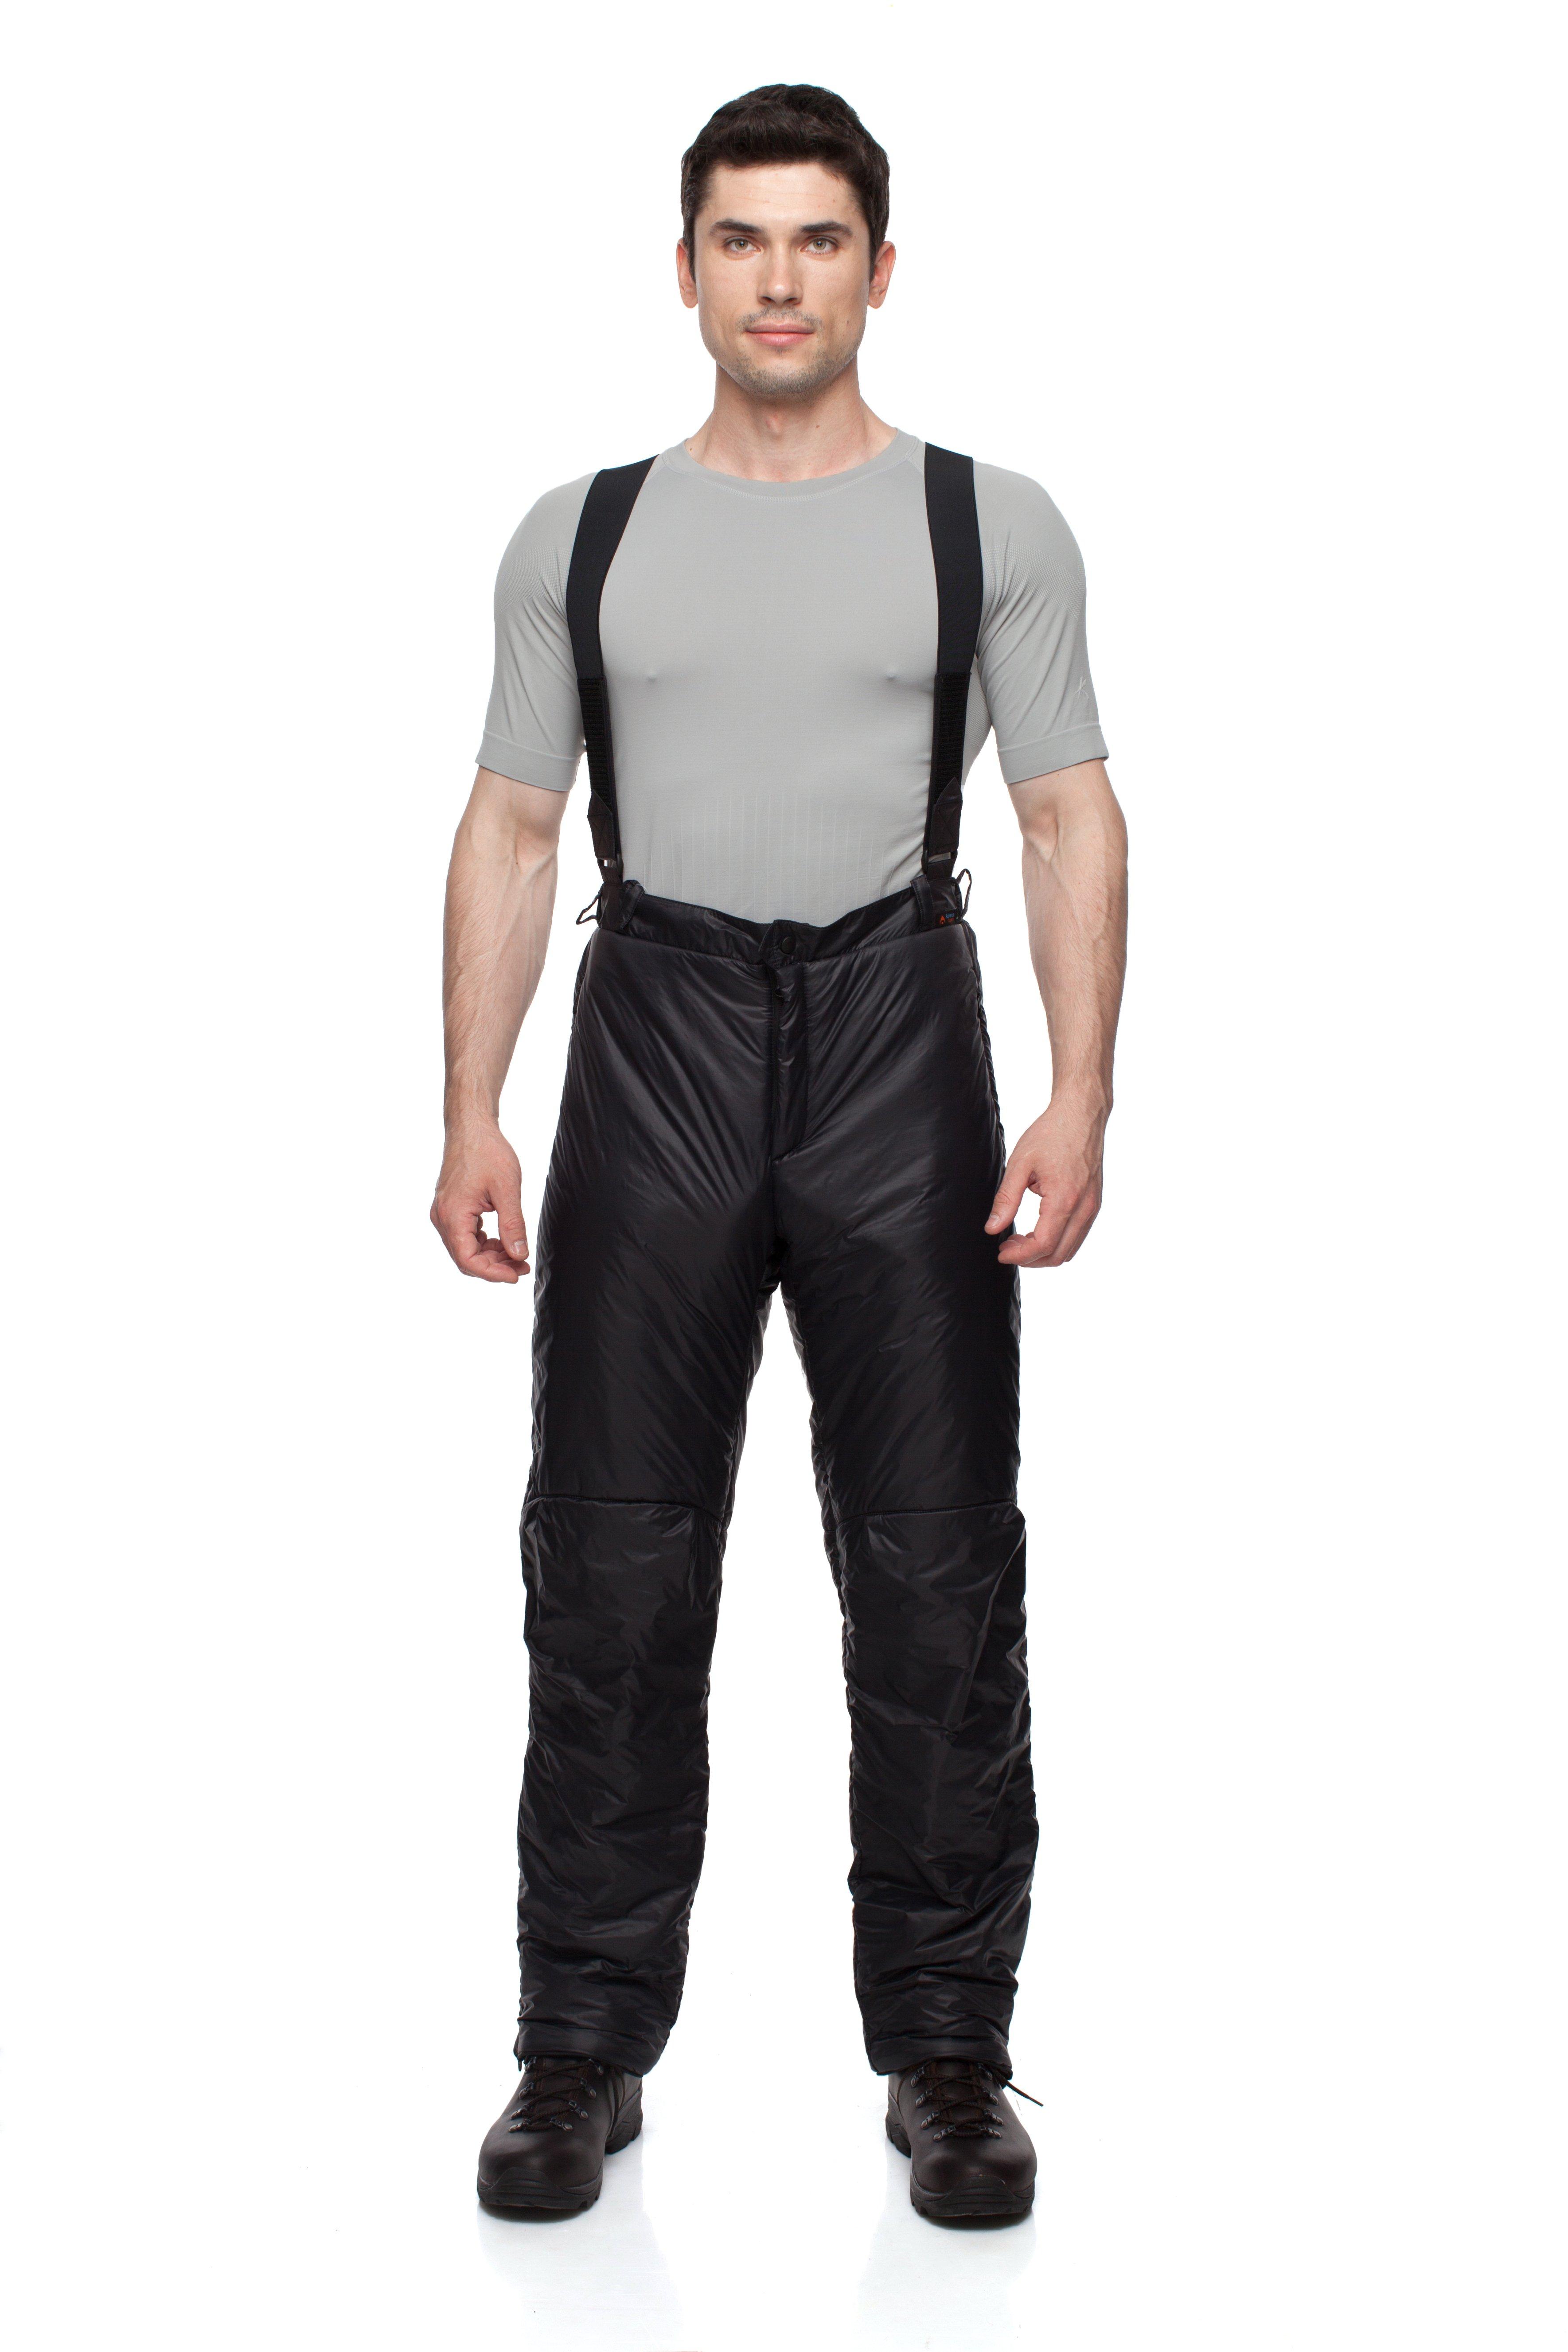 Брюки BASK HIKE 05 5153AБрюки и полукомбинезоны<br>Многофункциональные лёгкие утеплённые брюки–самосбросы для зимних видов спорта.<br><br>Верхняя ткань: Advance® Ecliptic<br>Вес граммы: 620<br>Влагозащитные молнии: Нет<br>Внутренняя ткань: Advance® Classic<br>Количество внешних карманов: 2<br>Объемный крой коленей: Да<br>Отстегивающийся задний клапан: Нет<br>Регулировка объема нижней части штанин: Да<br>Регулировка пояса: Да<br>Регулируемые бретели: Да<br>Регулируемые вентиляционные отверстия: Нет<br>Самосбросы: Да<br>Система крепления к нижней части брюк: Нет<br>Снегозащитные муфты: Нет<br>Съемные защитные вкладыши: Нет<br>Температурный режим: -10<br>Технология Thermal Welding: Нет<br>Тип утеплителя: Cинтетический<br>Ткань усиления: Nylon Ripstop Tactel<br>Усиление швов закрепками: Да<br>Утеплитель: Shelter® Sport<br>Функциональная молния спереди: Да<br>Размер RU: 60<br>Цвет: ЧЕРНЫЙ